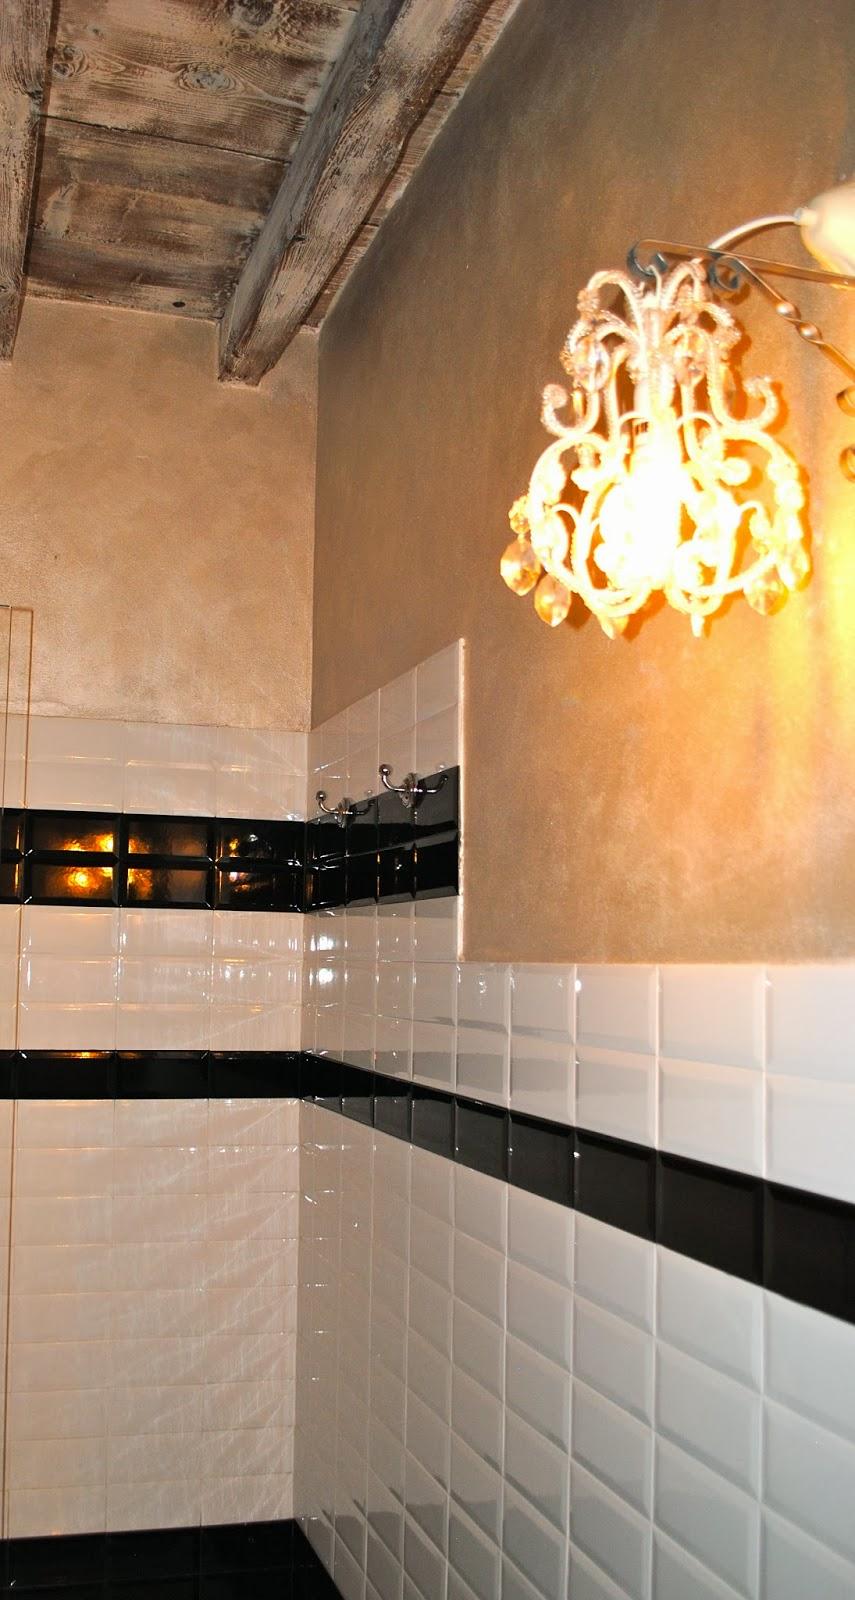 lampadari con goccie in vetro inseriti in questo bagno retro in stile ...